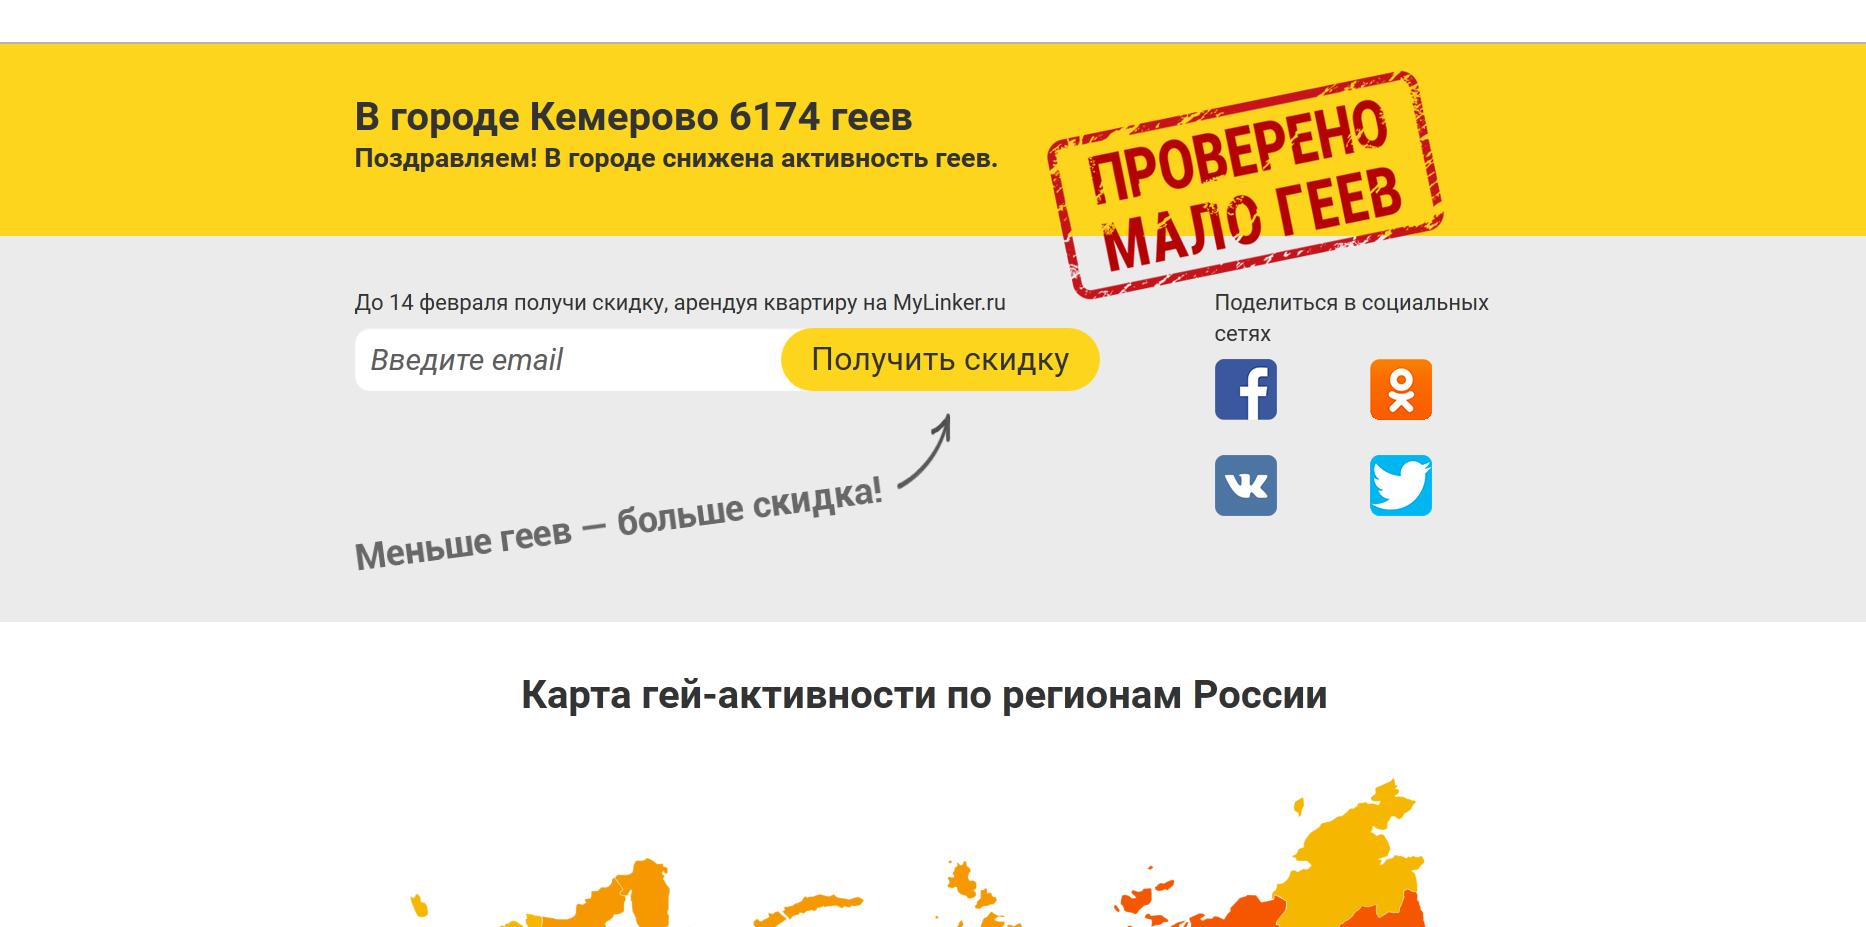 http://afisha.a42.ru/uploads/photos/40/4068e4e0-e2b0-11e6-bf9c-b7667d60c68b.jpg